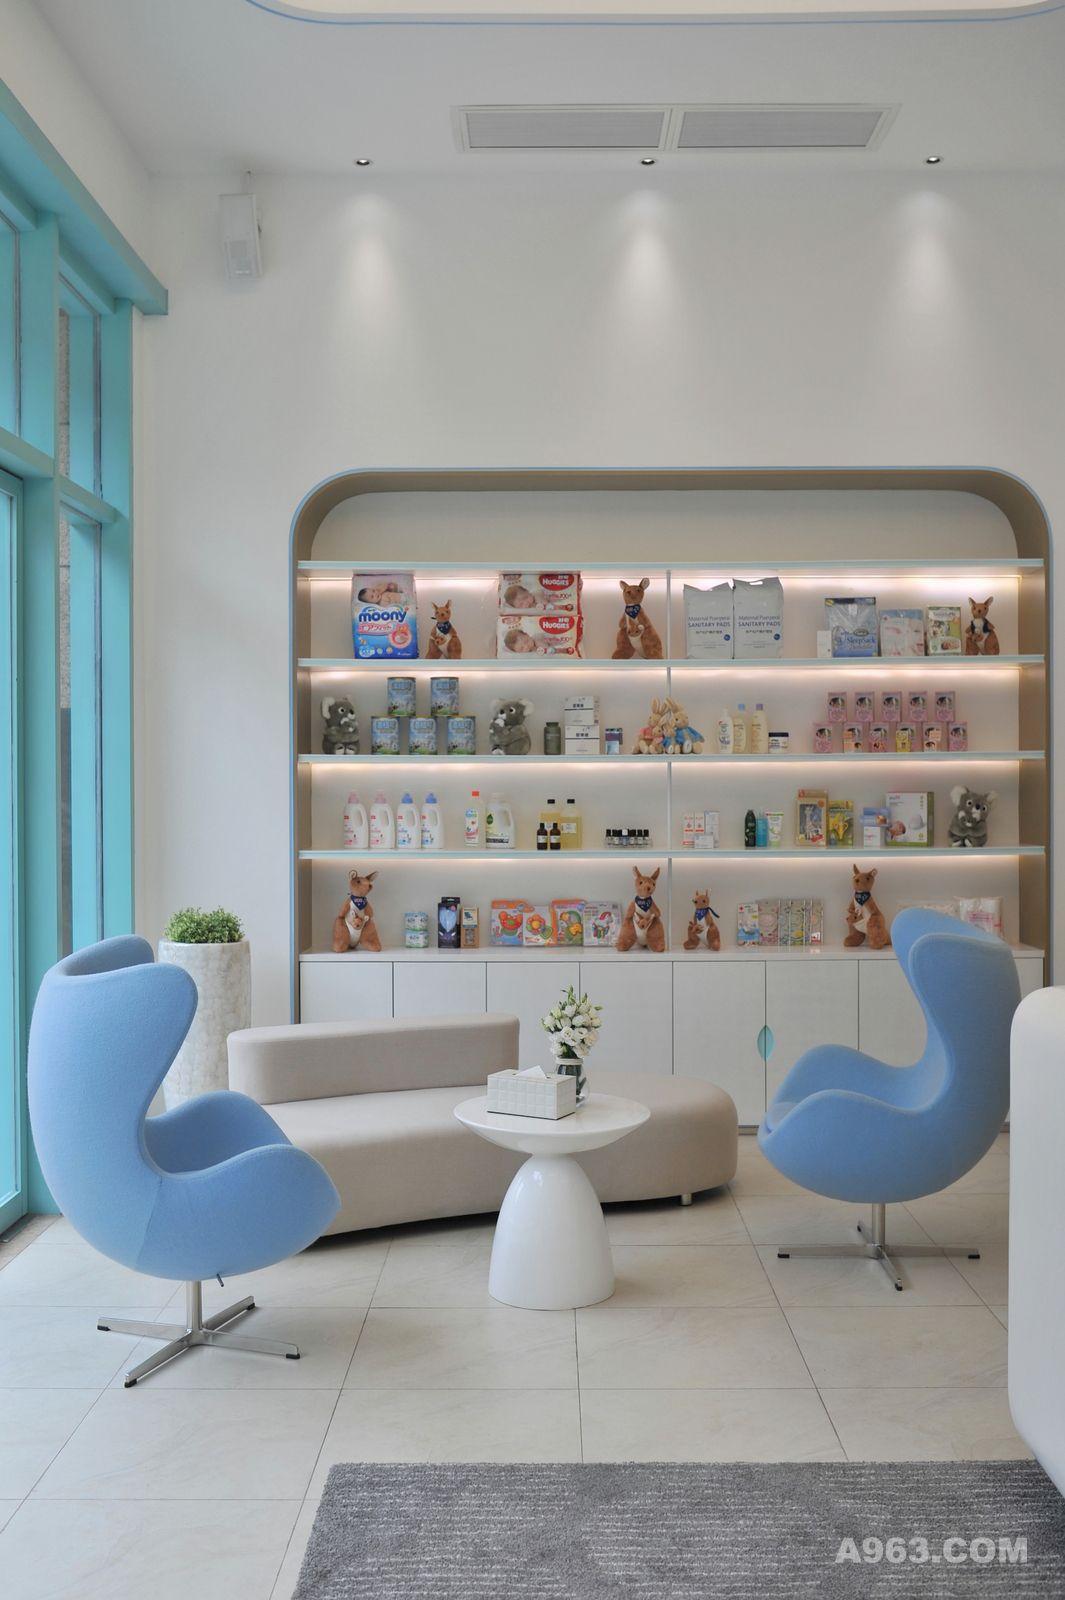 入门接待处,两把天蓝色蛋椅以其柔和的外观线条呼应着同样以圆弧形处理的内嵌壁柜,这一出自丹麦设计师雅各布森的经典设计成了门厅的亮丽风景线,高级羊绒布软包带来舒适亲和的坐感。柔和的设计往往能软化人的心绪,设计师希望以柔之意,让身处其中的人体悟这份内敛而不张扬的关怀。浓浓的母爱,正是如此吧!